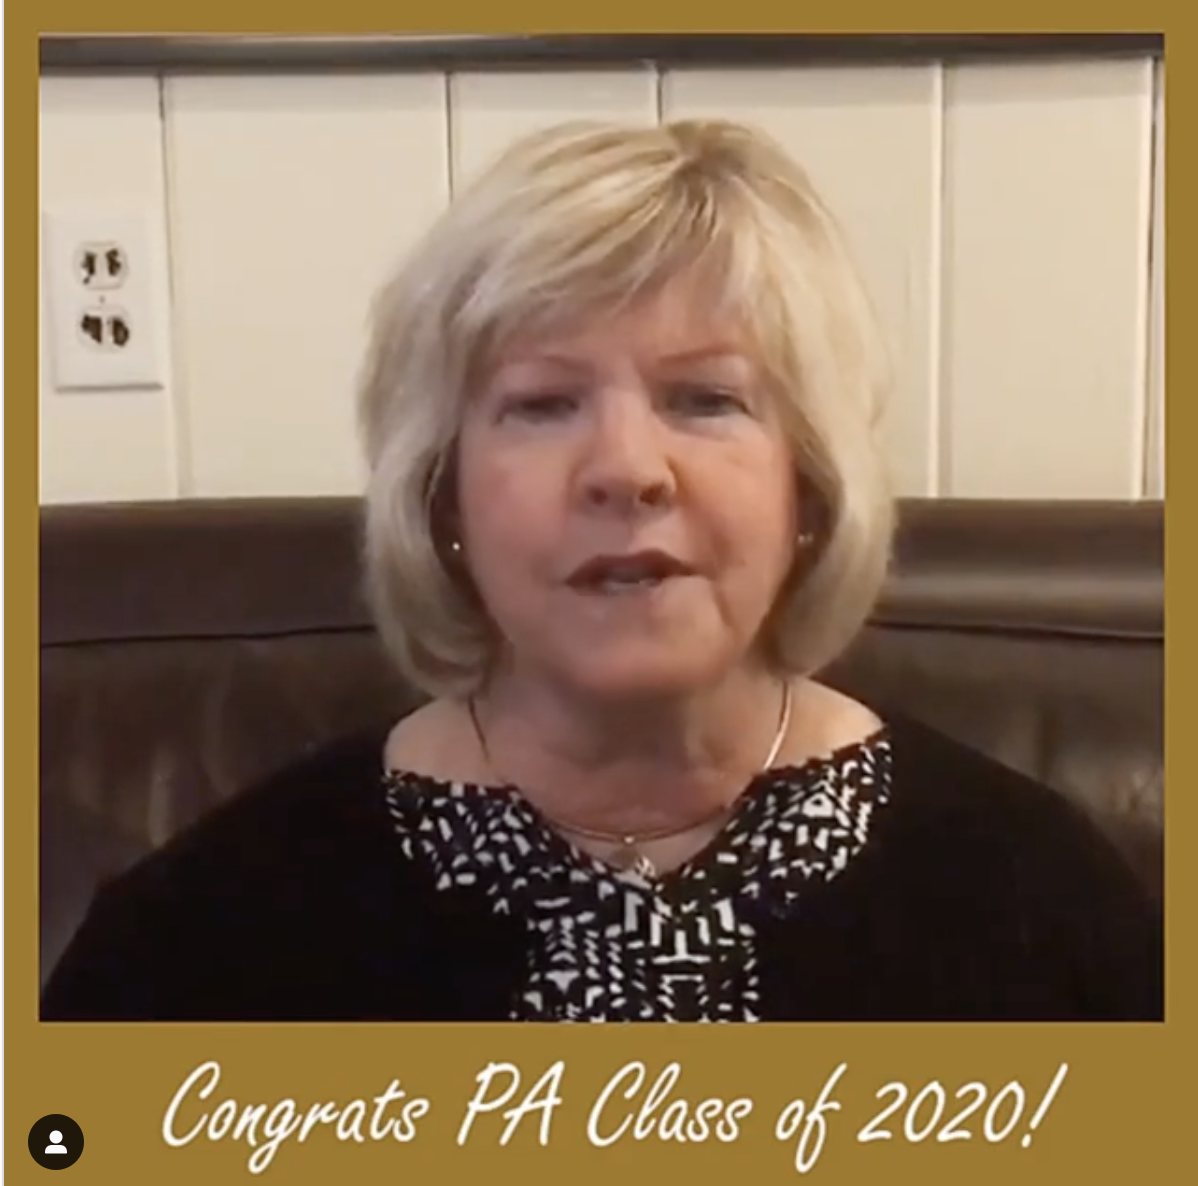 Congrats PA Class of 2020